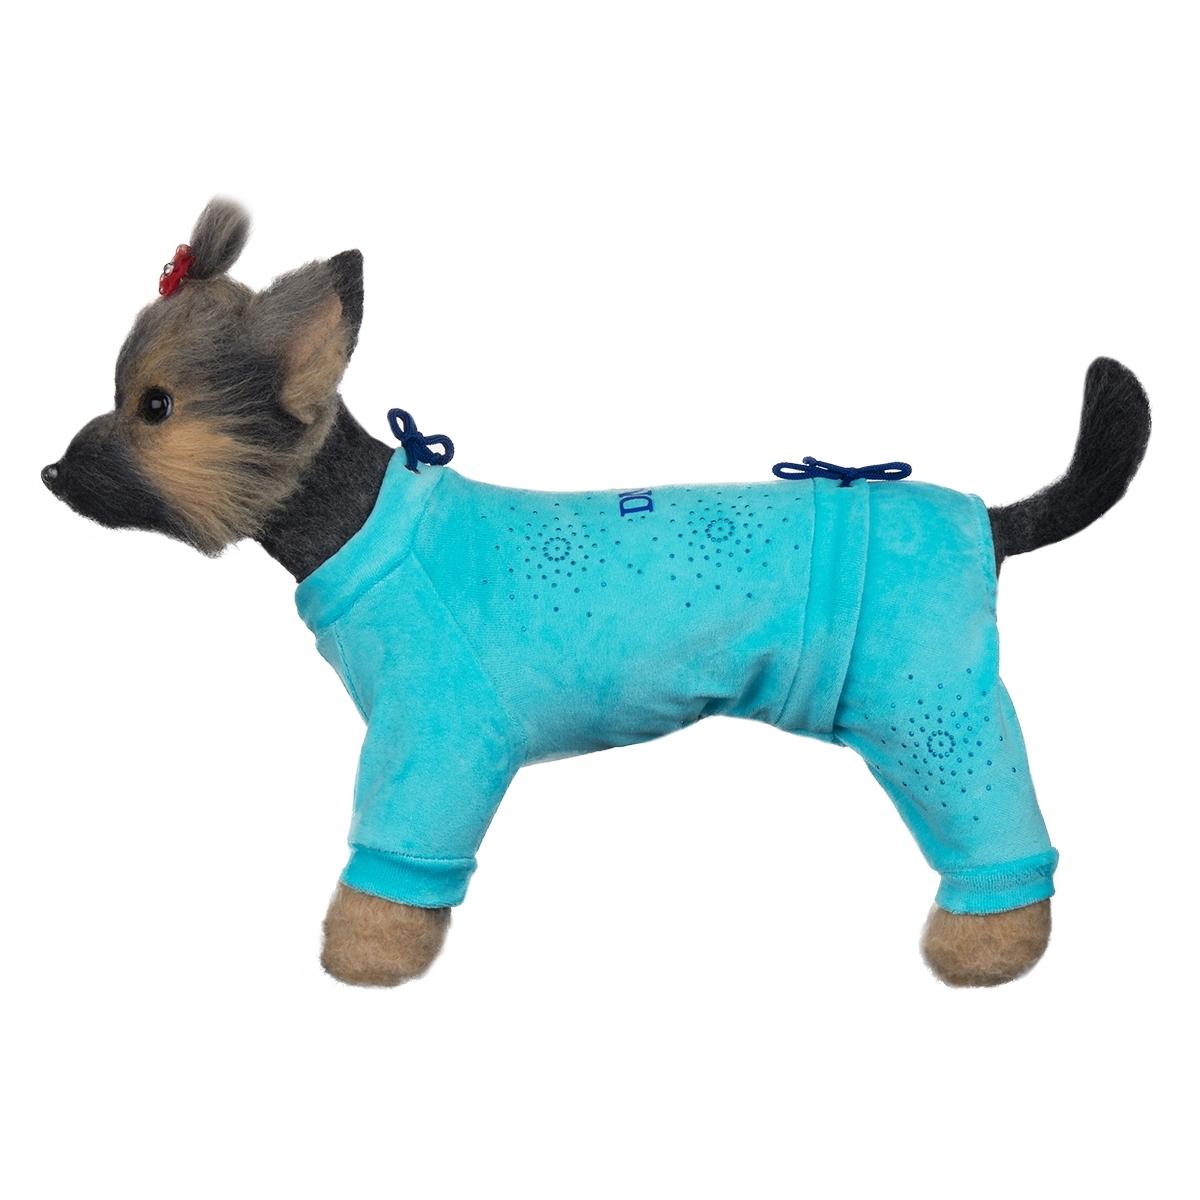 Комбинезон для собак Dogmoda Галактика, цвет: голубой. Размер 3 (L) комбинезон для собак dogmoda doggs зимний для девочки цвет оранжевый размер xxxl